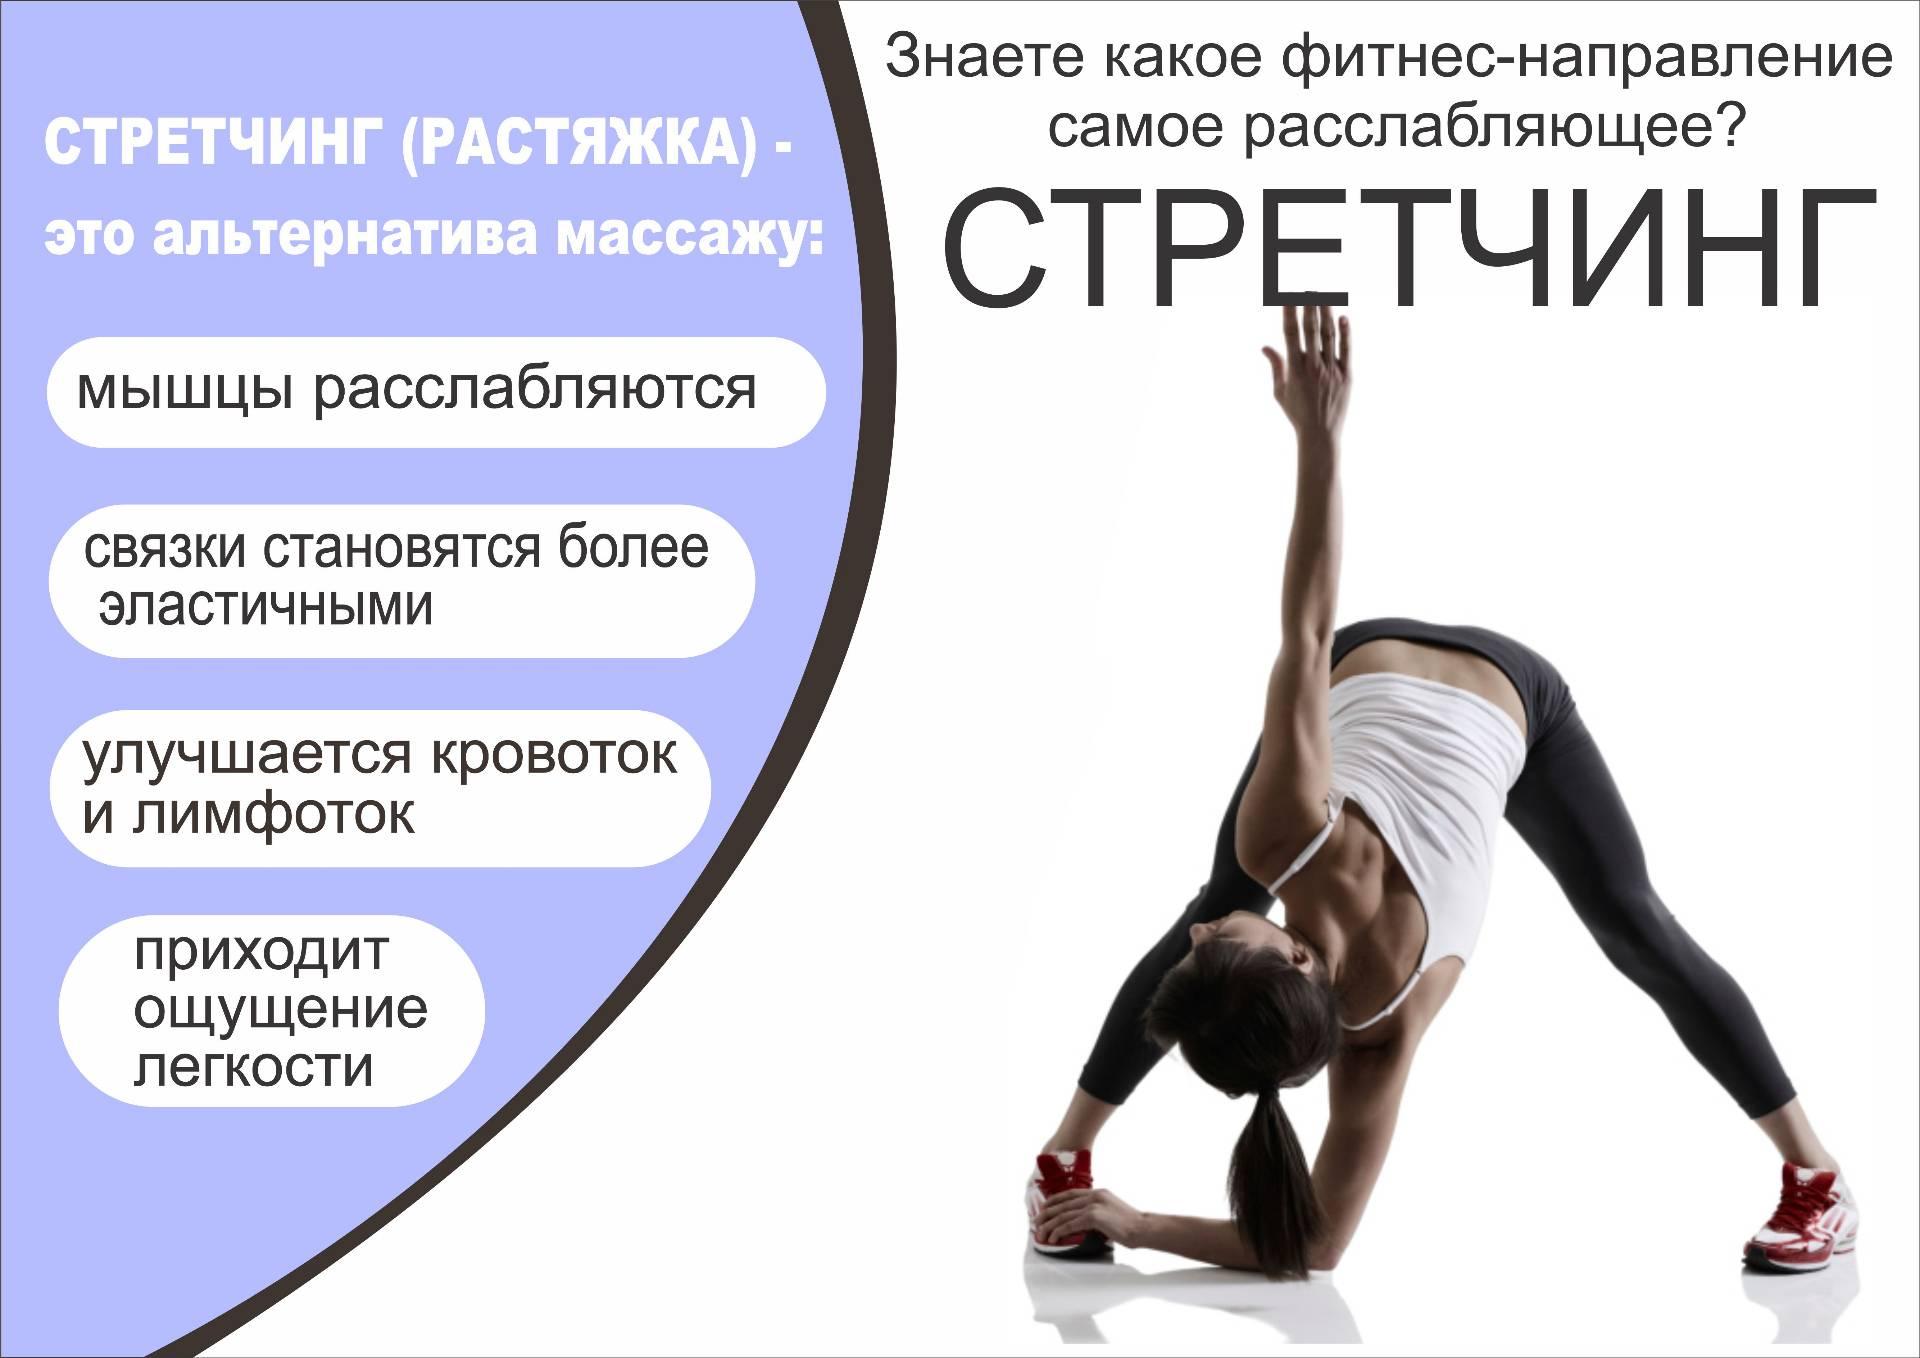 Функциональные тренировки: что это, обзор упражнений, польза и вред